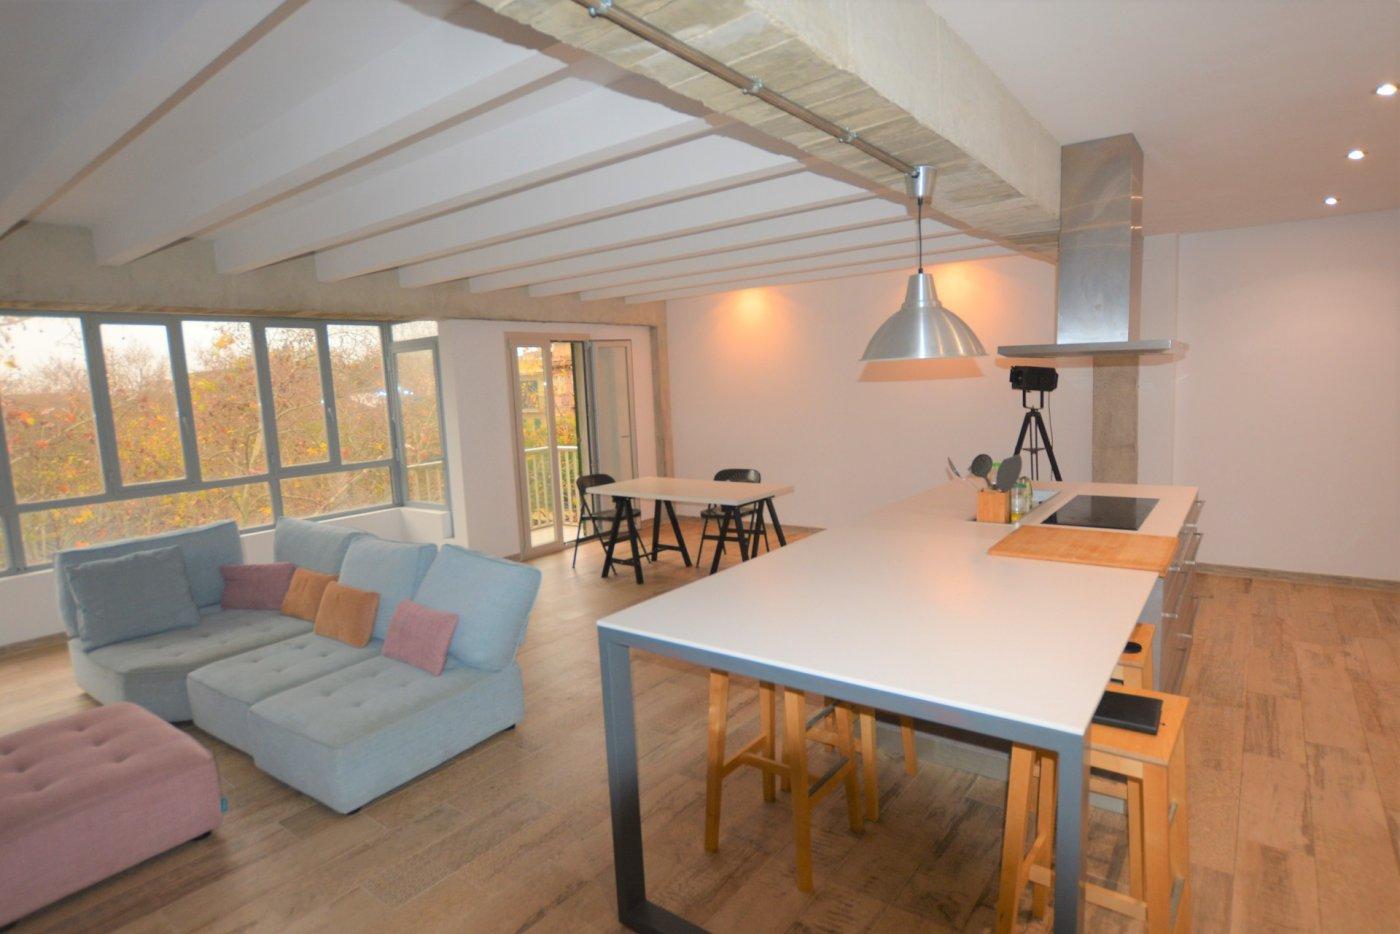 Increíble piso recientemente reformado. - imagenInmueble2